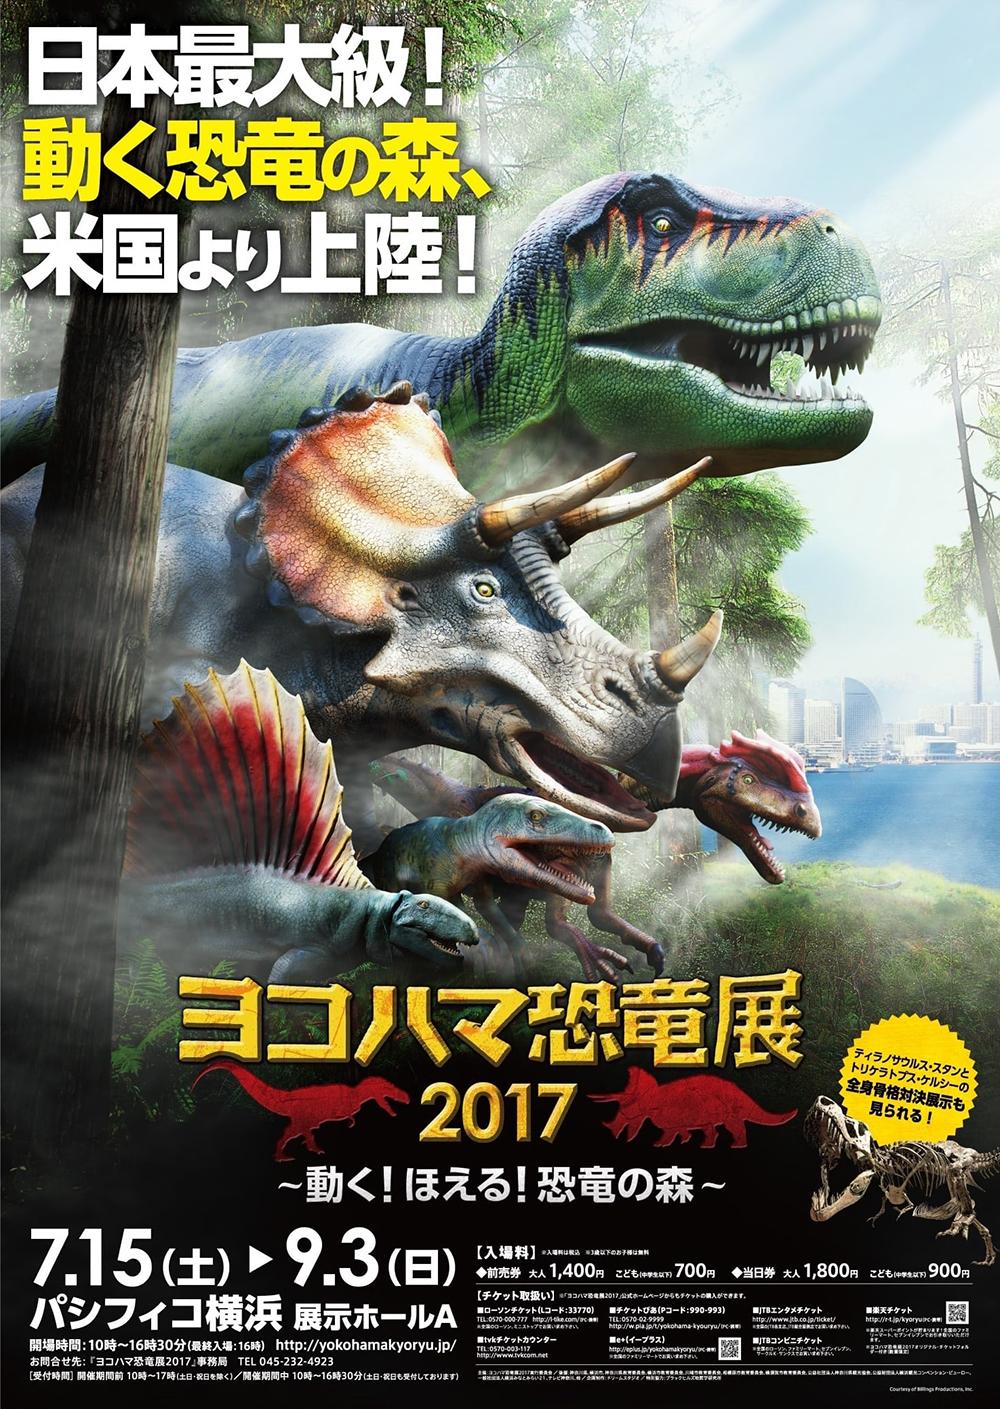 ヨコハマ恐竜展2017 概要